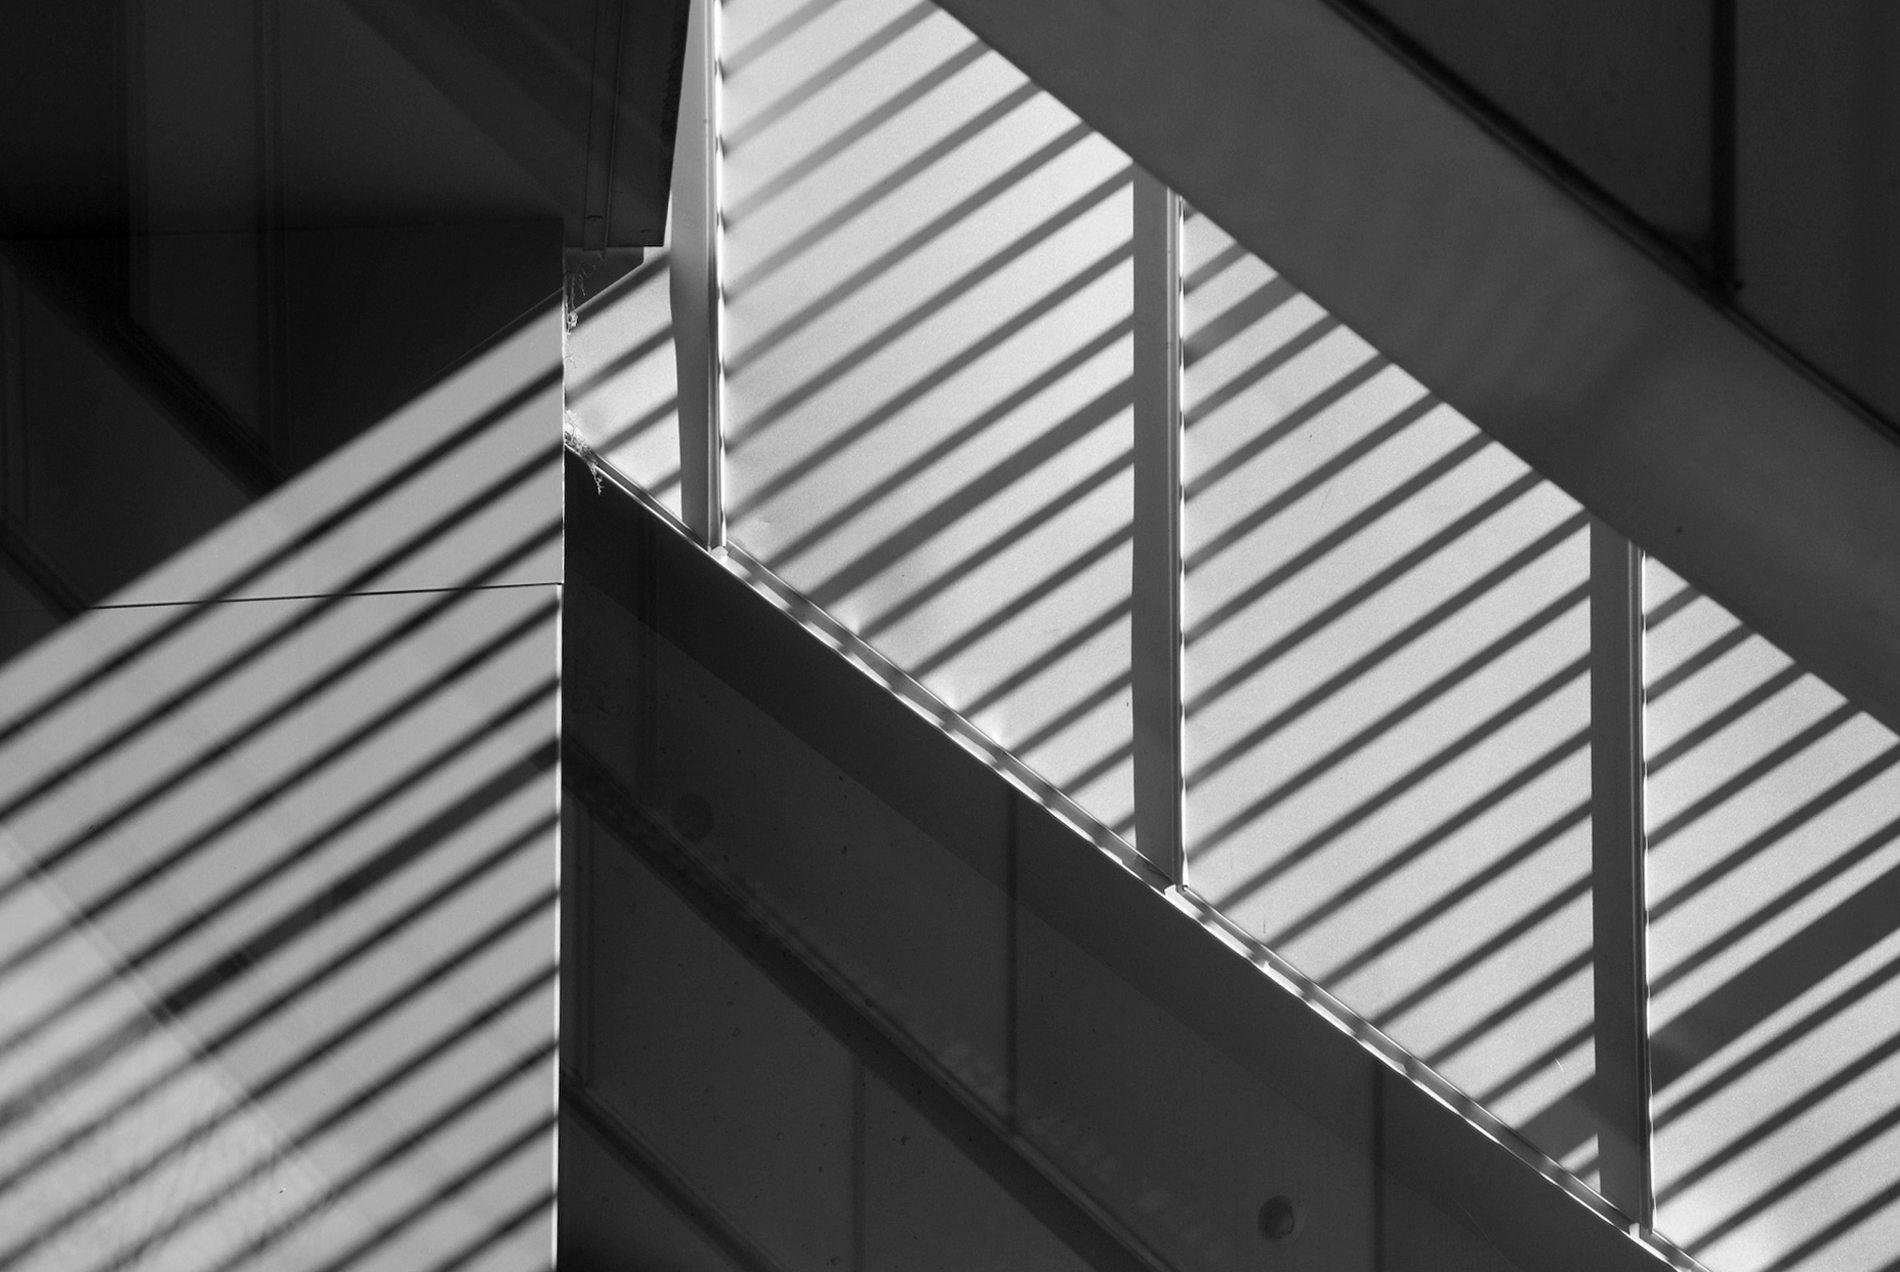 Zentrum Paul Klee. Licht- und Schattenspiel durch die große Glasfassade.